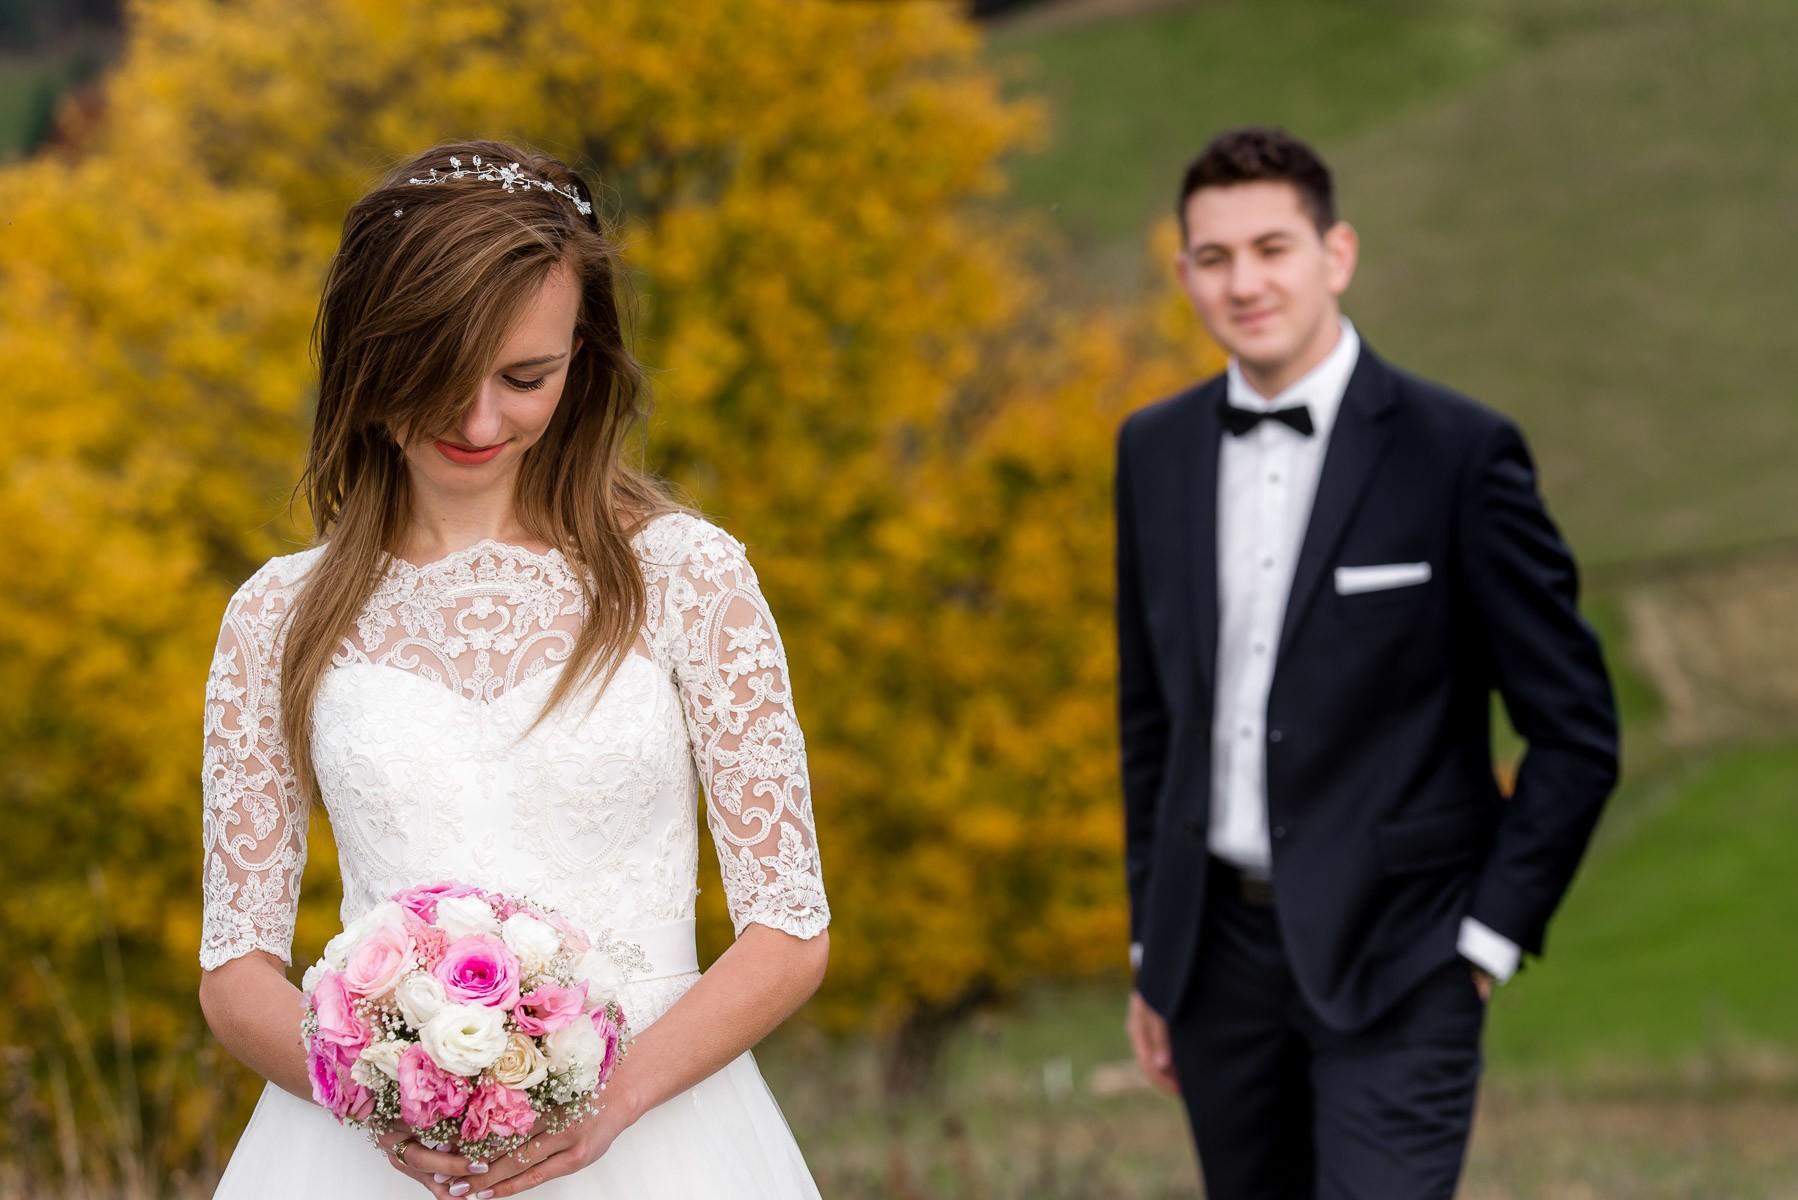 sala na skarpie fotograf slubny slask malopolska adam pietrusiak plener slubny w gorach jw wedding 186